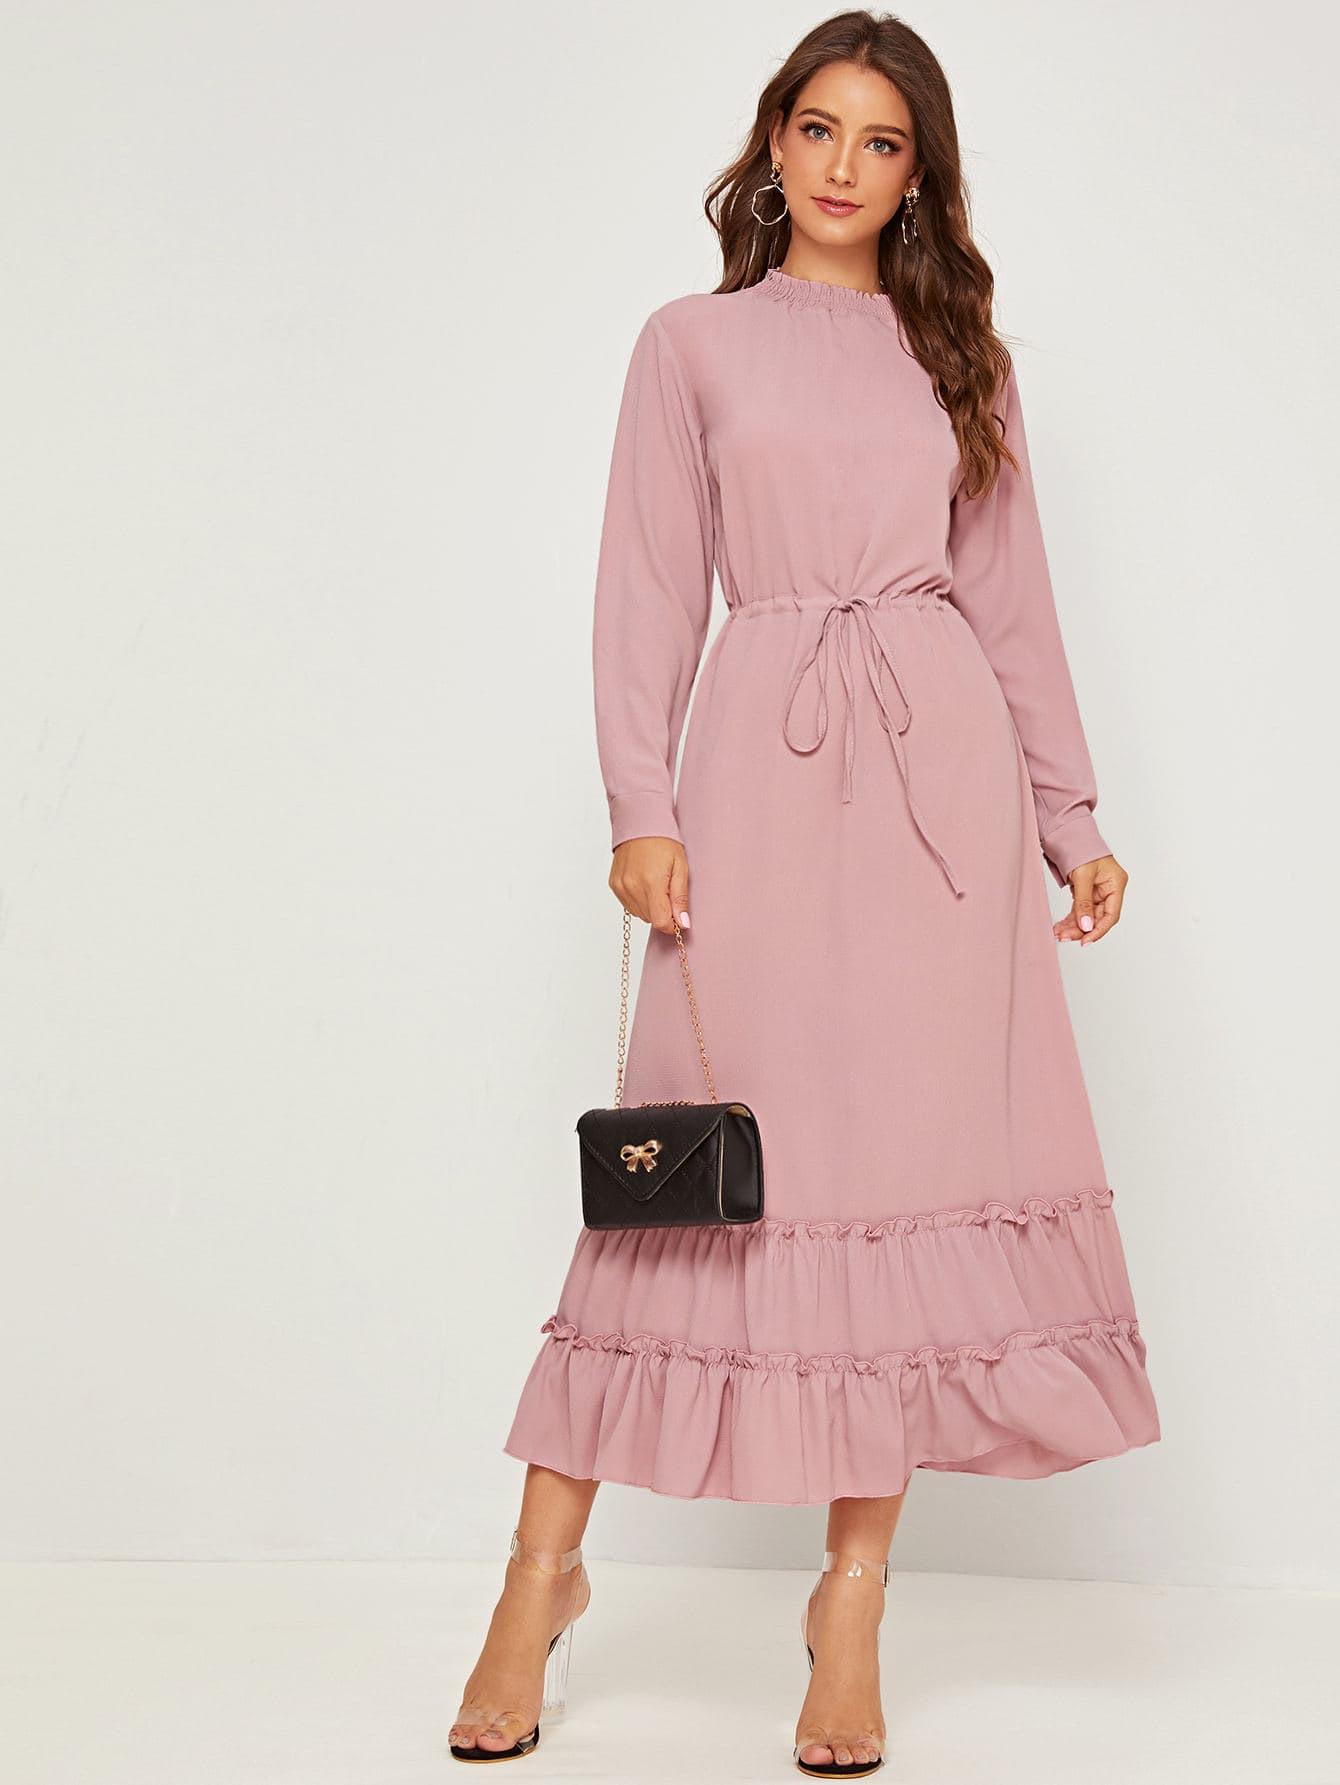 Kleid Mit Kordelzug Um Die Taille Und Raffung  Shein